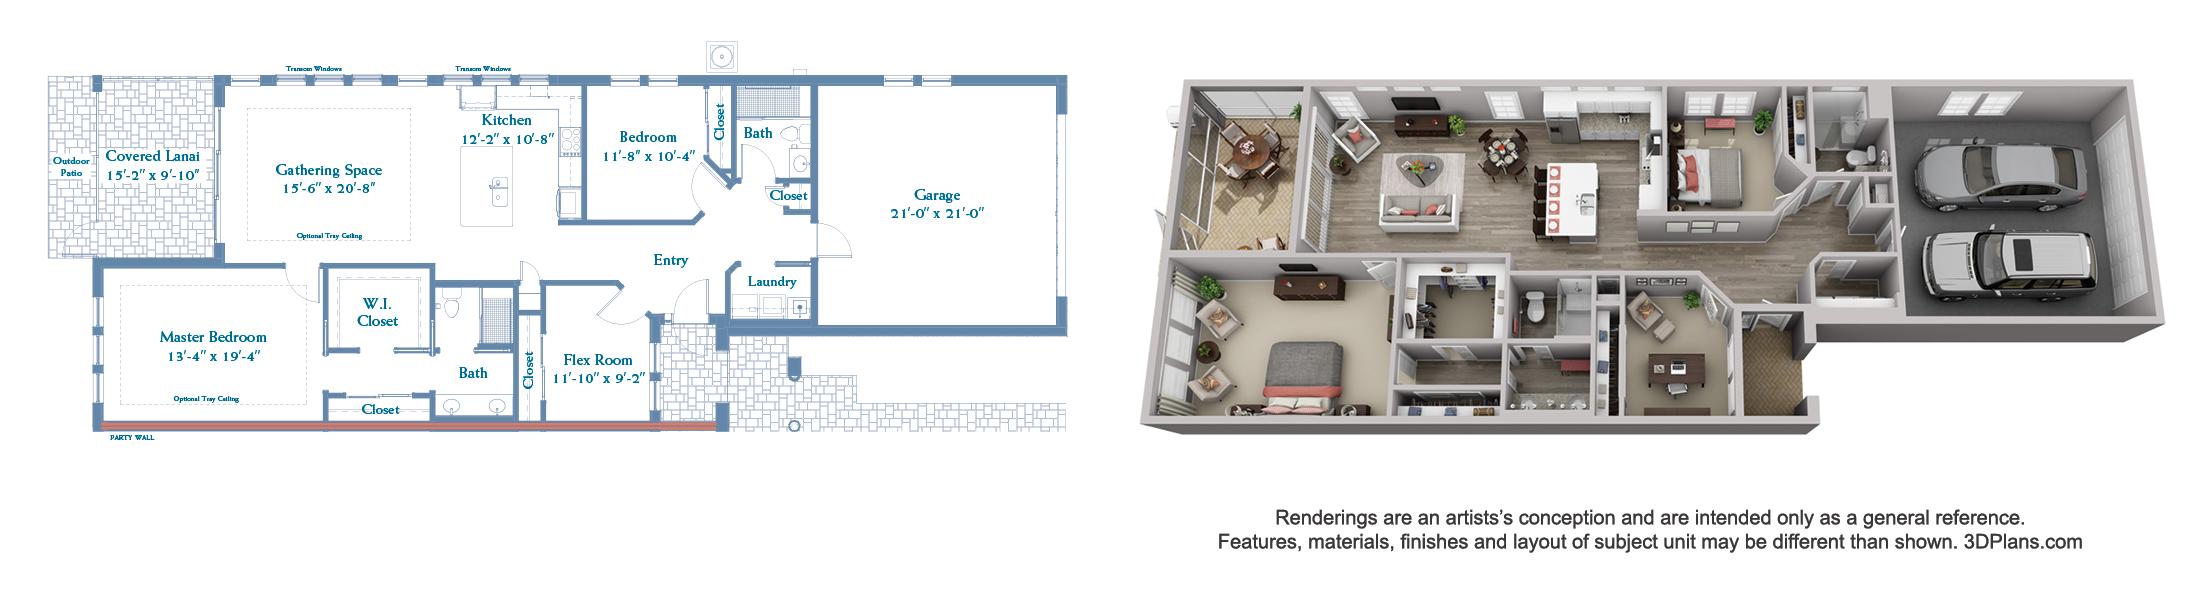 Plover floor plan